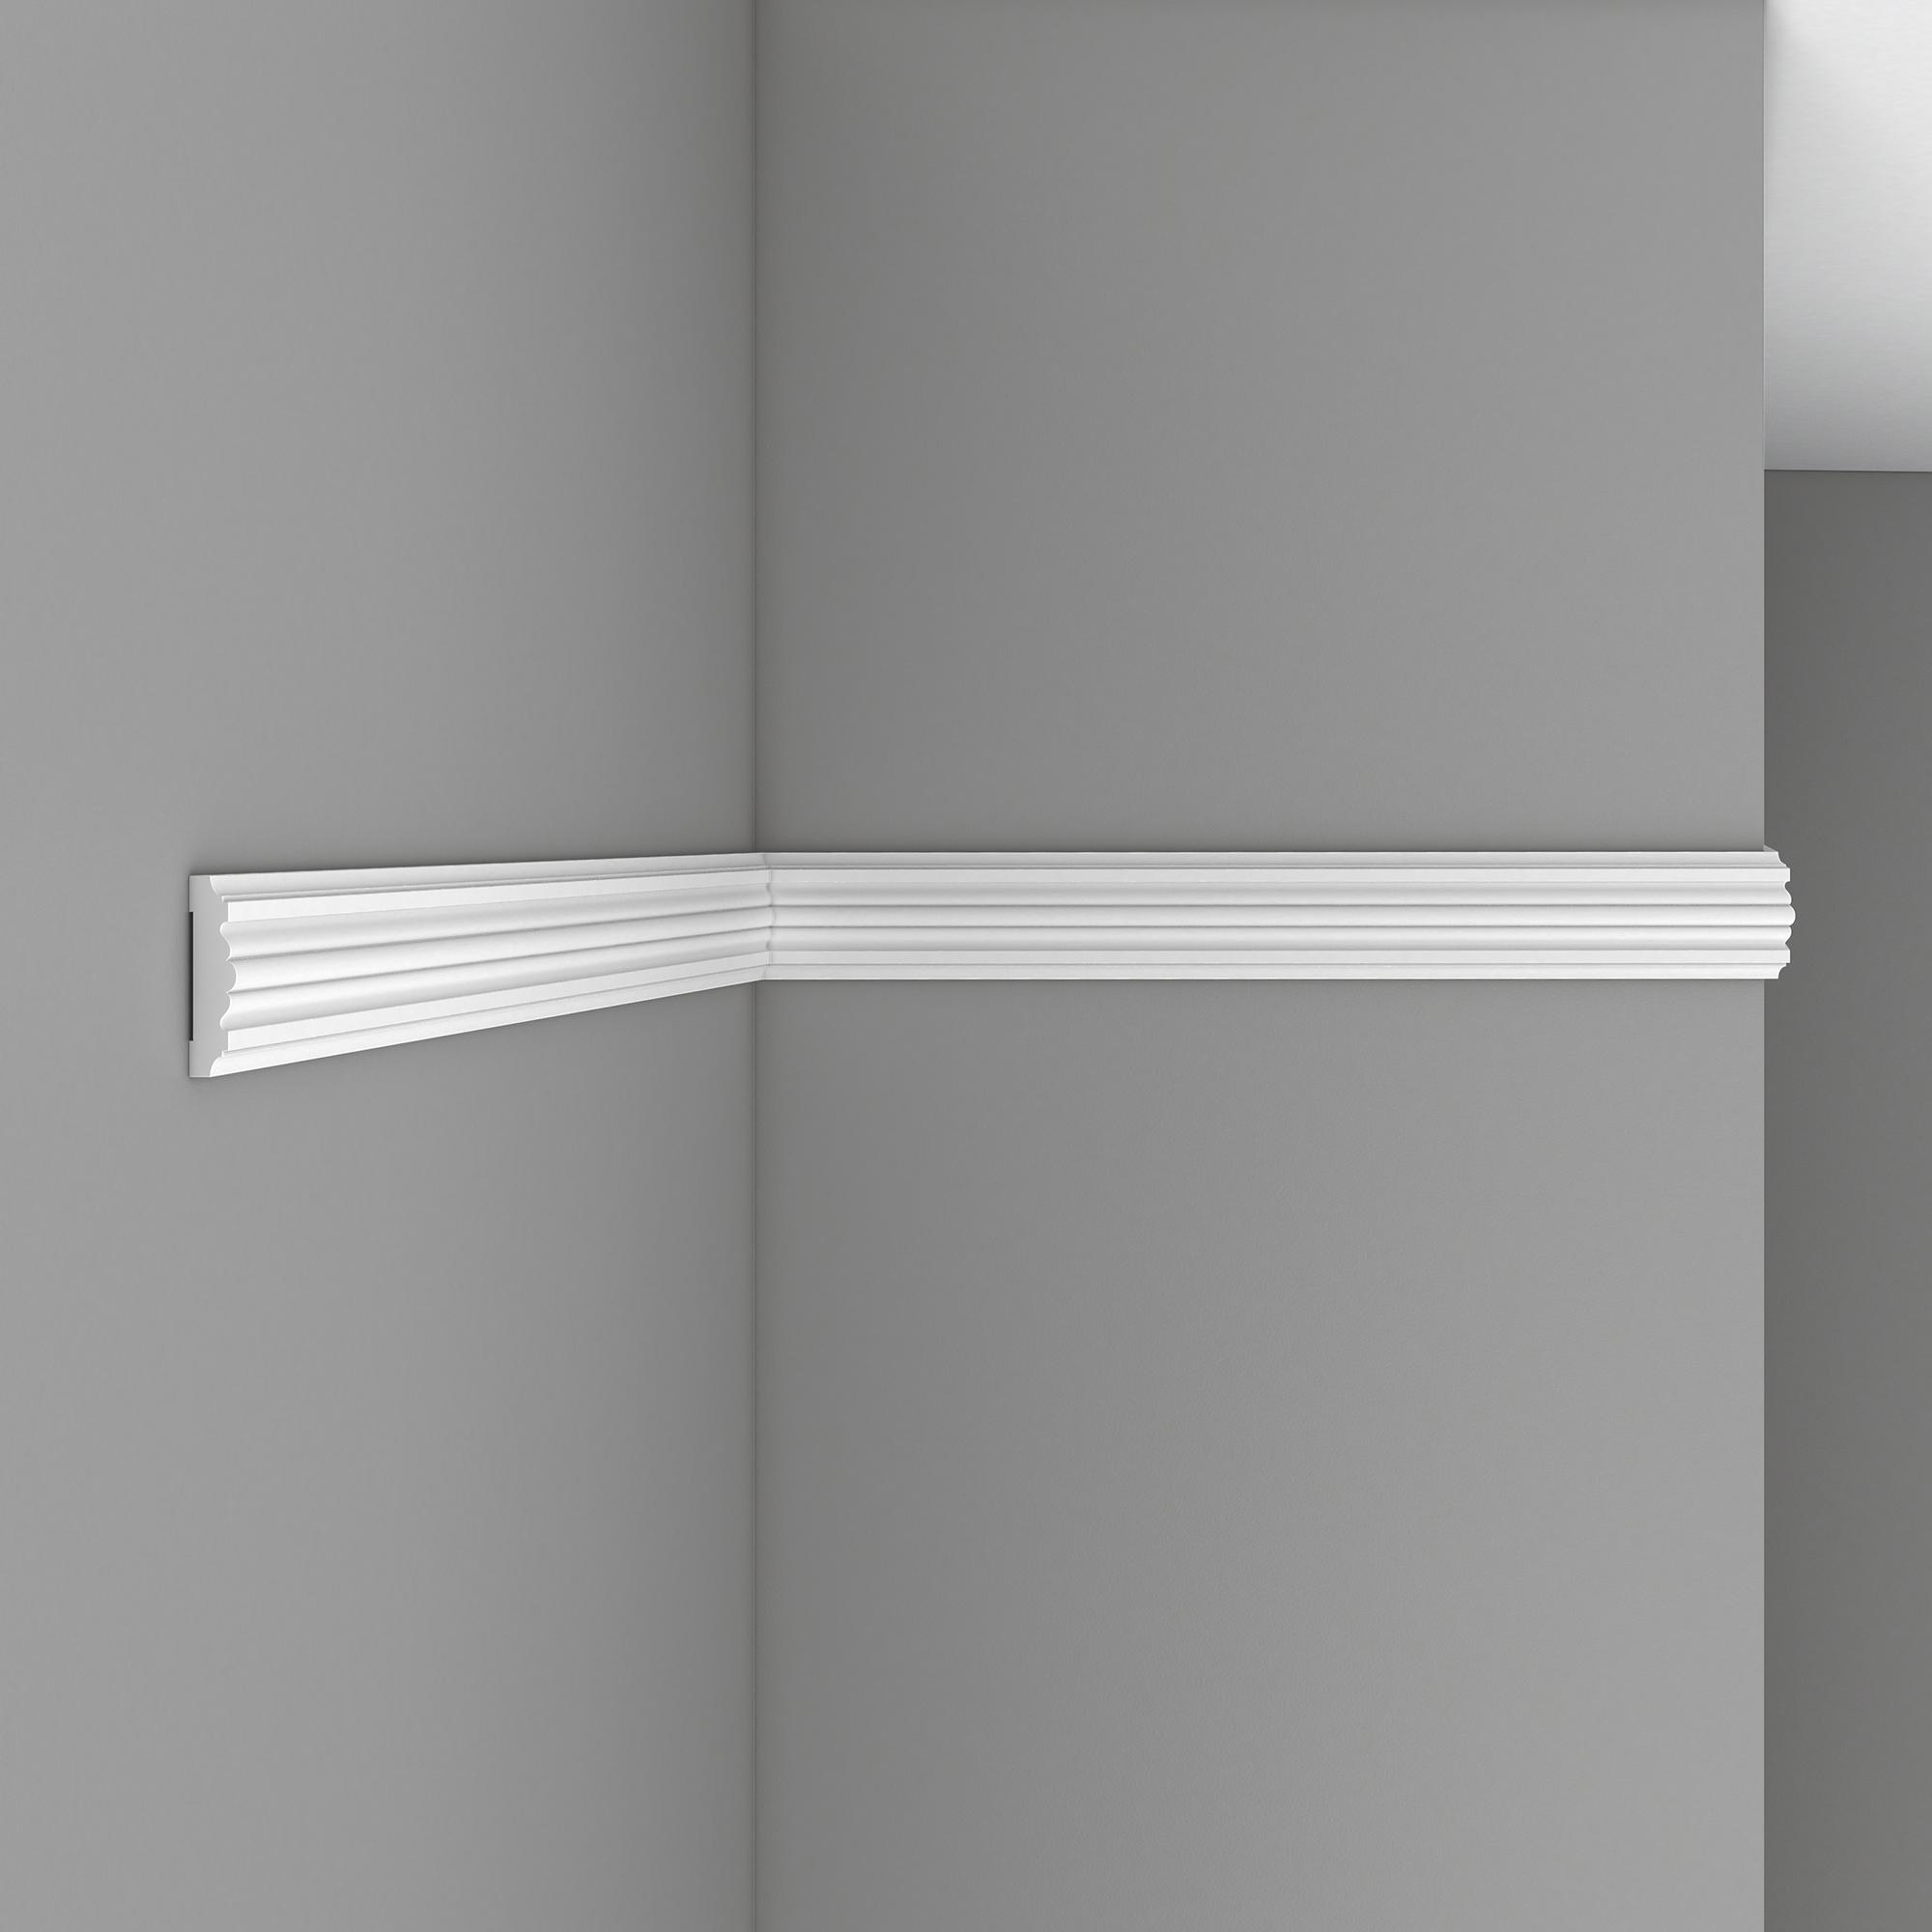 Молдинг гладкий DECOMASTER 97615F гибкий (50*12*2400мм)